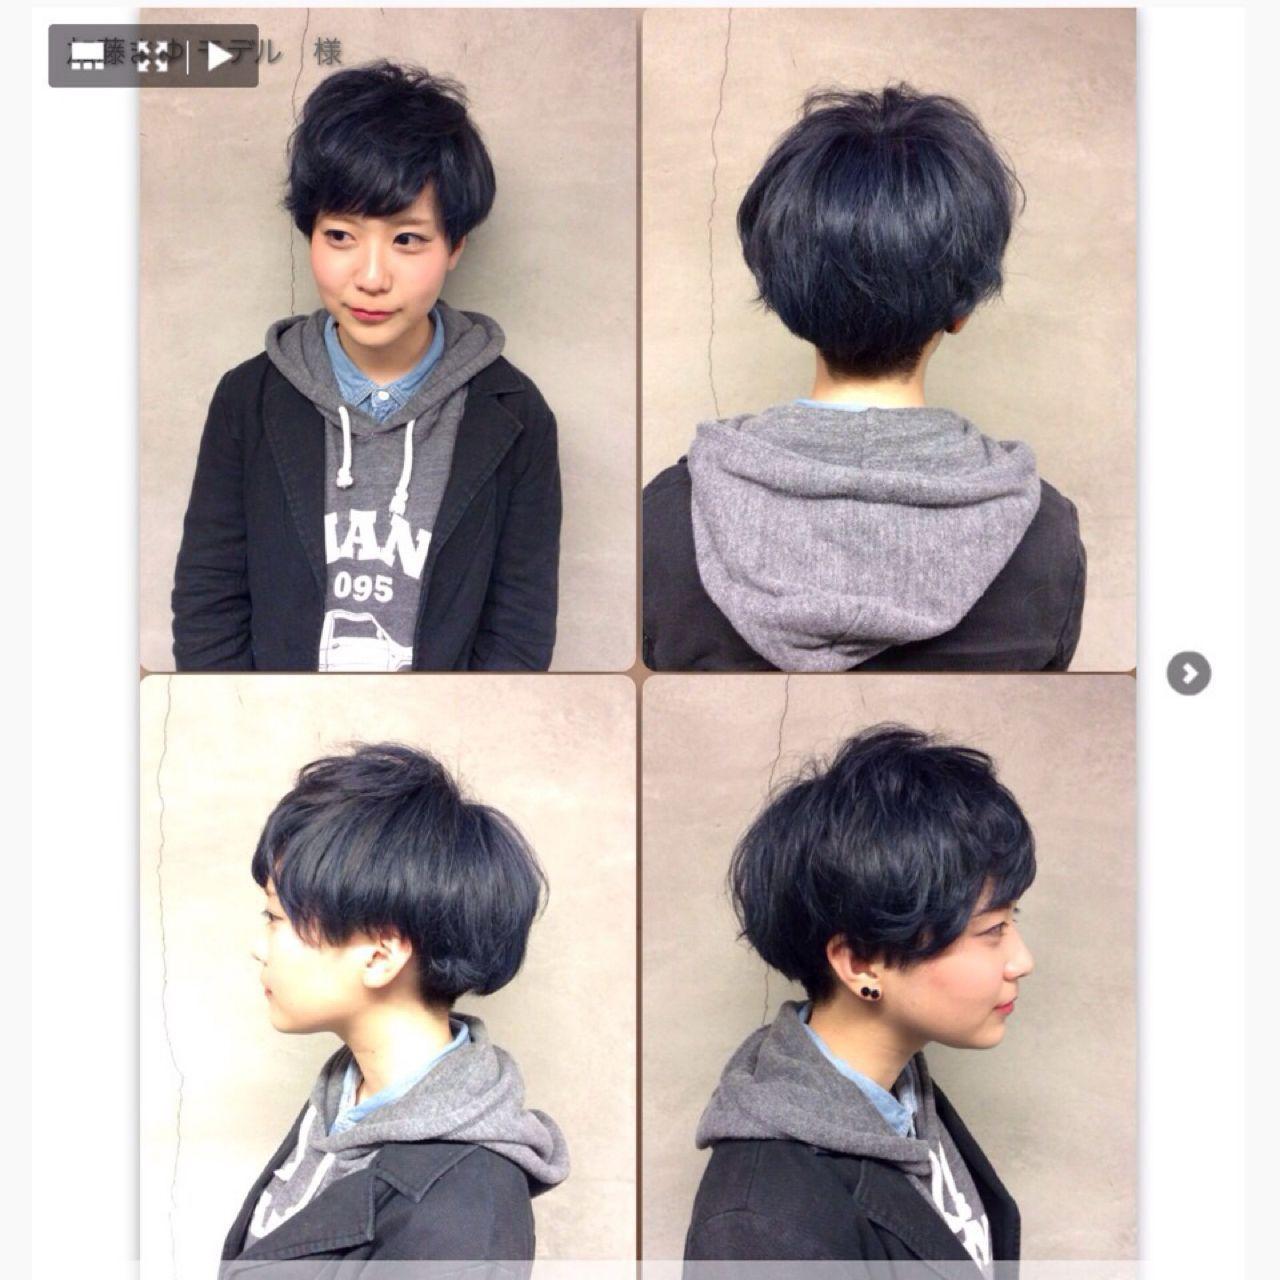 黒髪 卵型 刈り上げ アッシュ ヘアスタイルや髪型の写真・画像